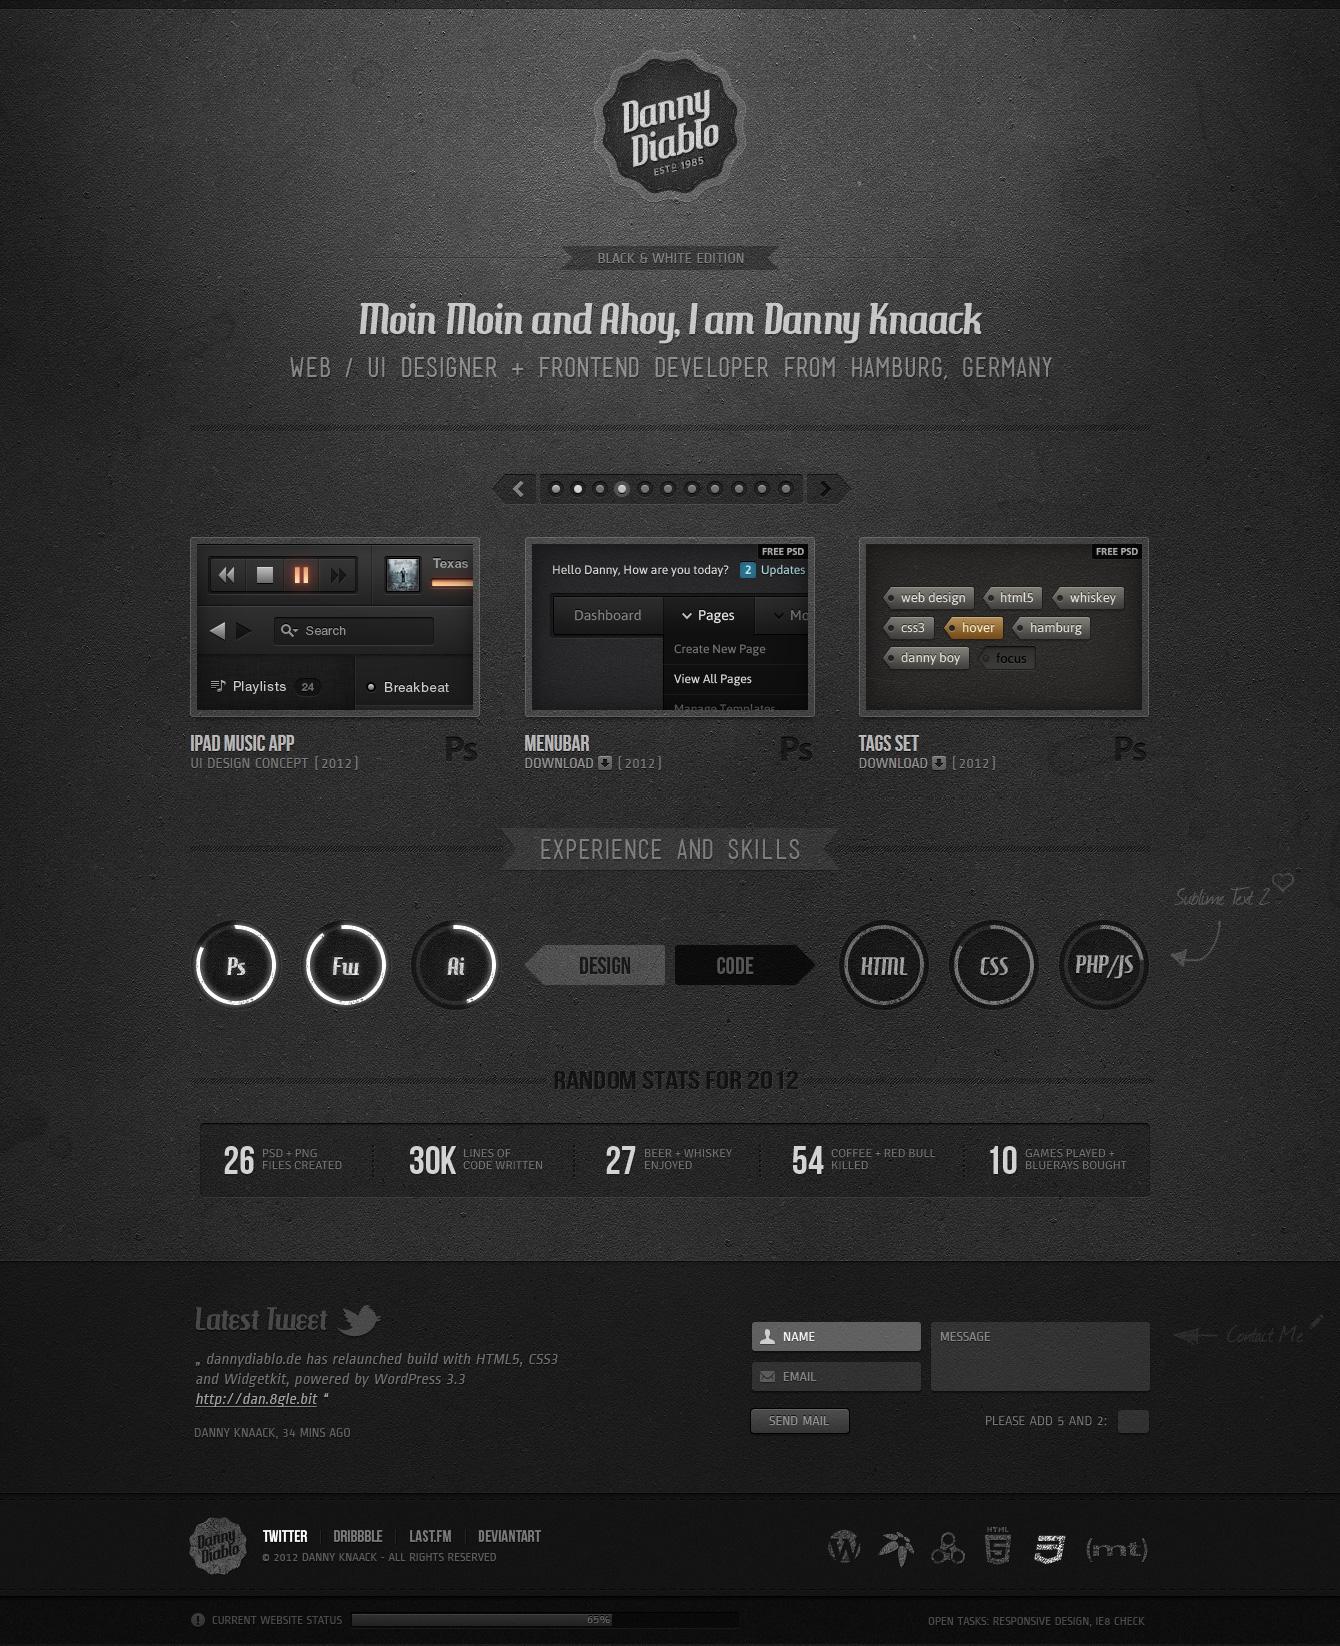 DannyDiablo Website Screenshot